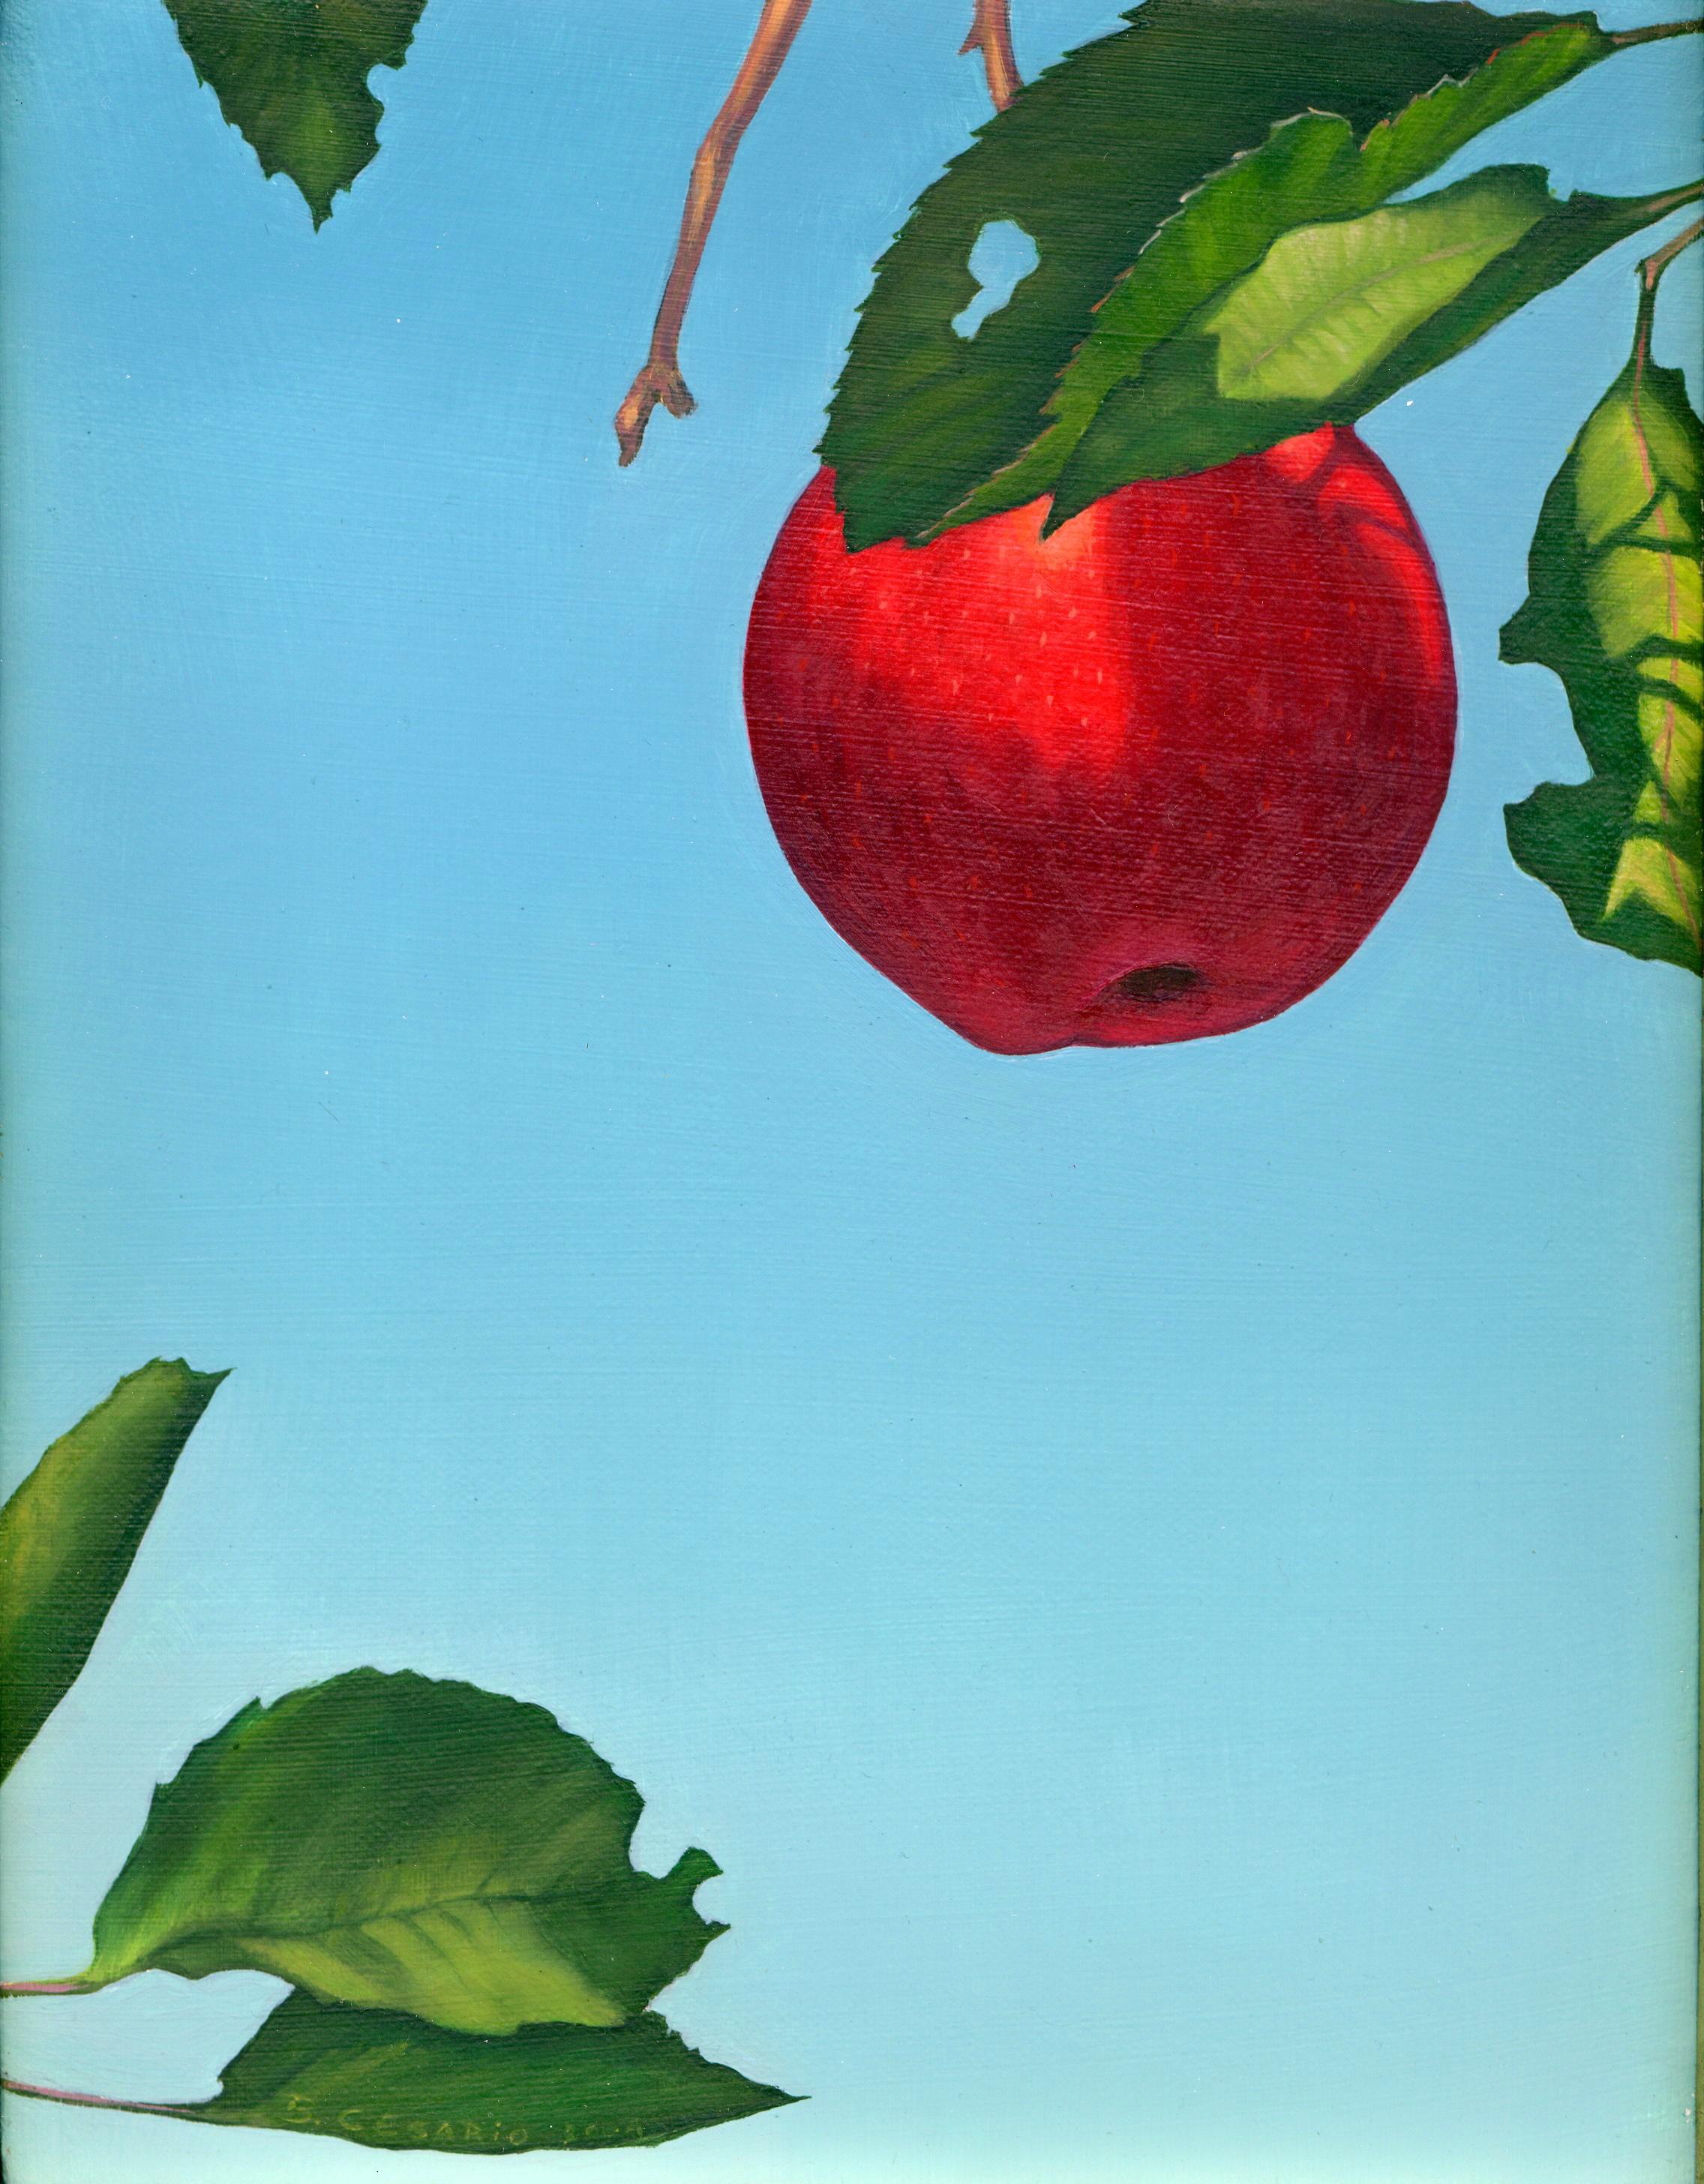 B Cesario   Apple   8x10 oil on canvas.JPG